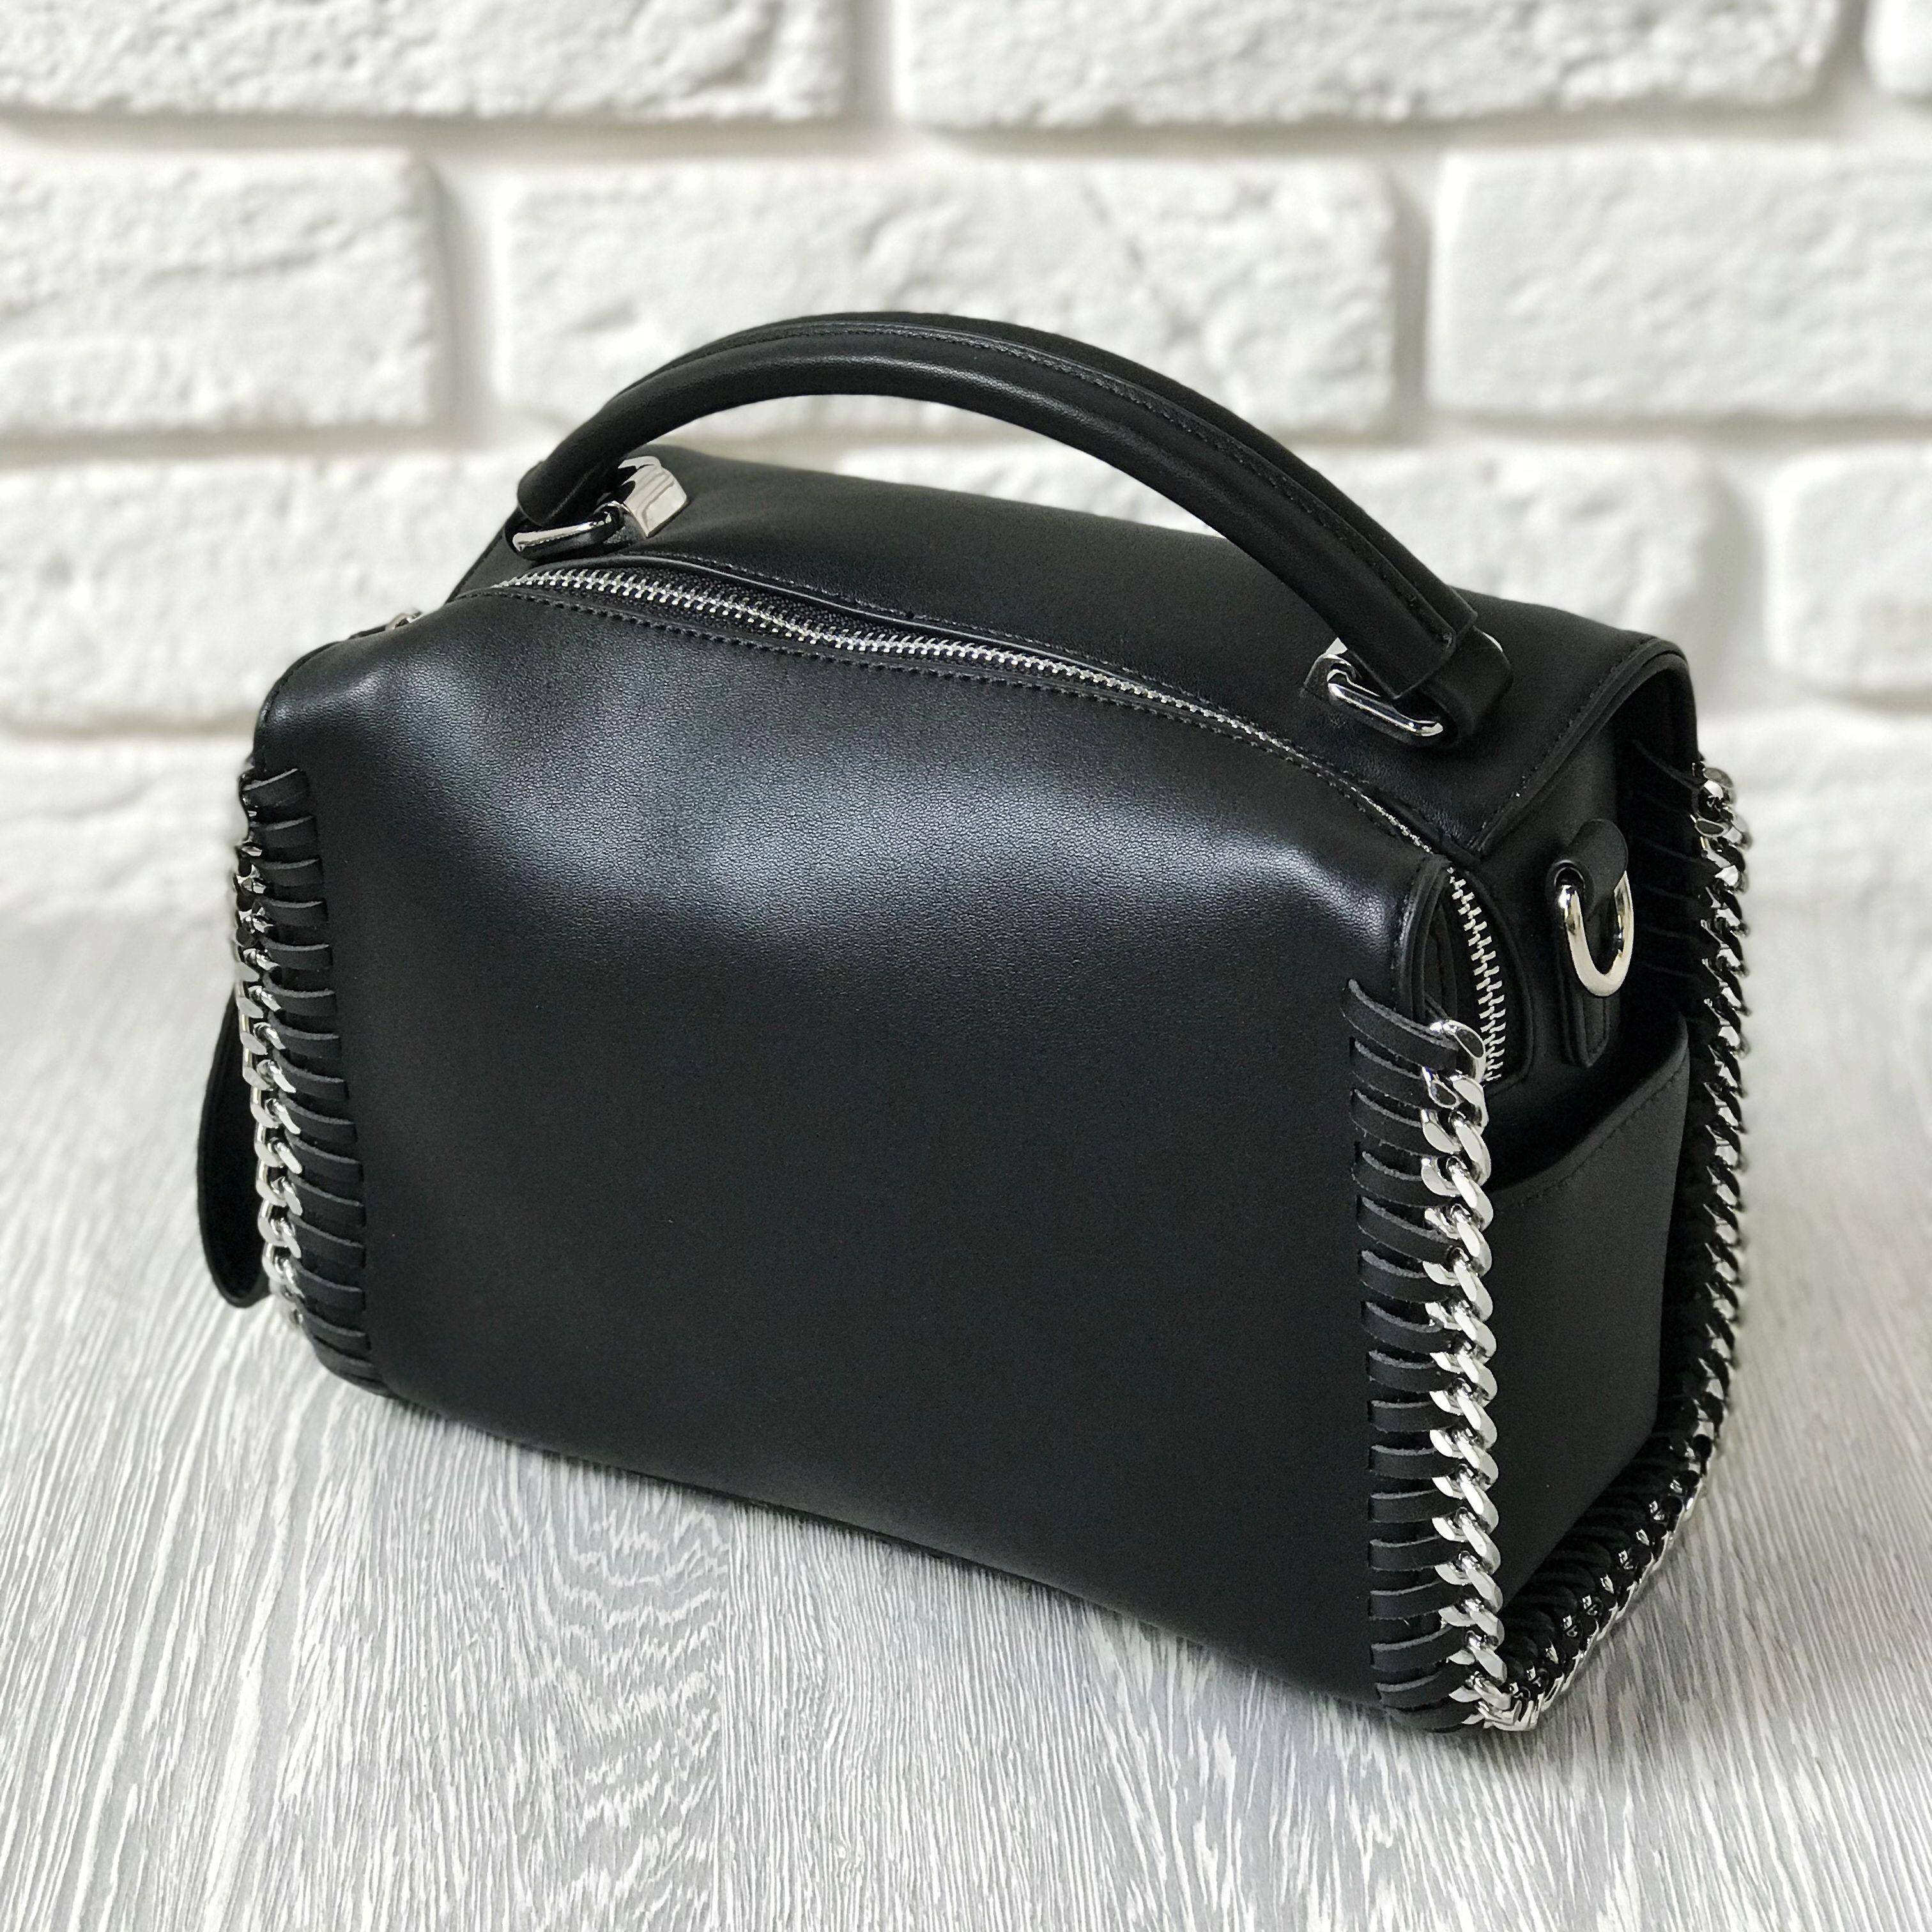 87ed00246142 Женская сумка. Черная сумка. Стильная сумка. Woman bag | Сумки ...